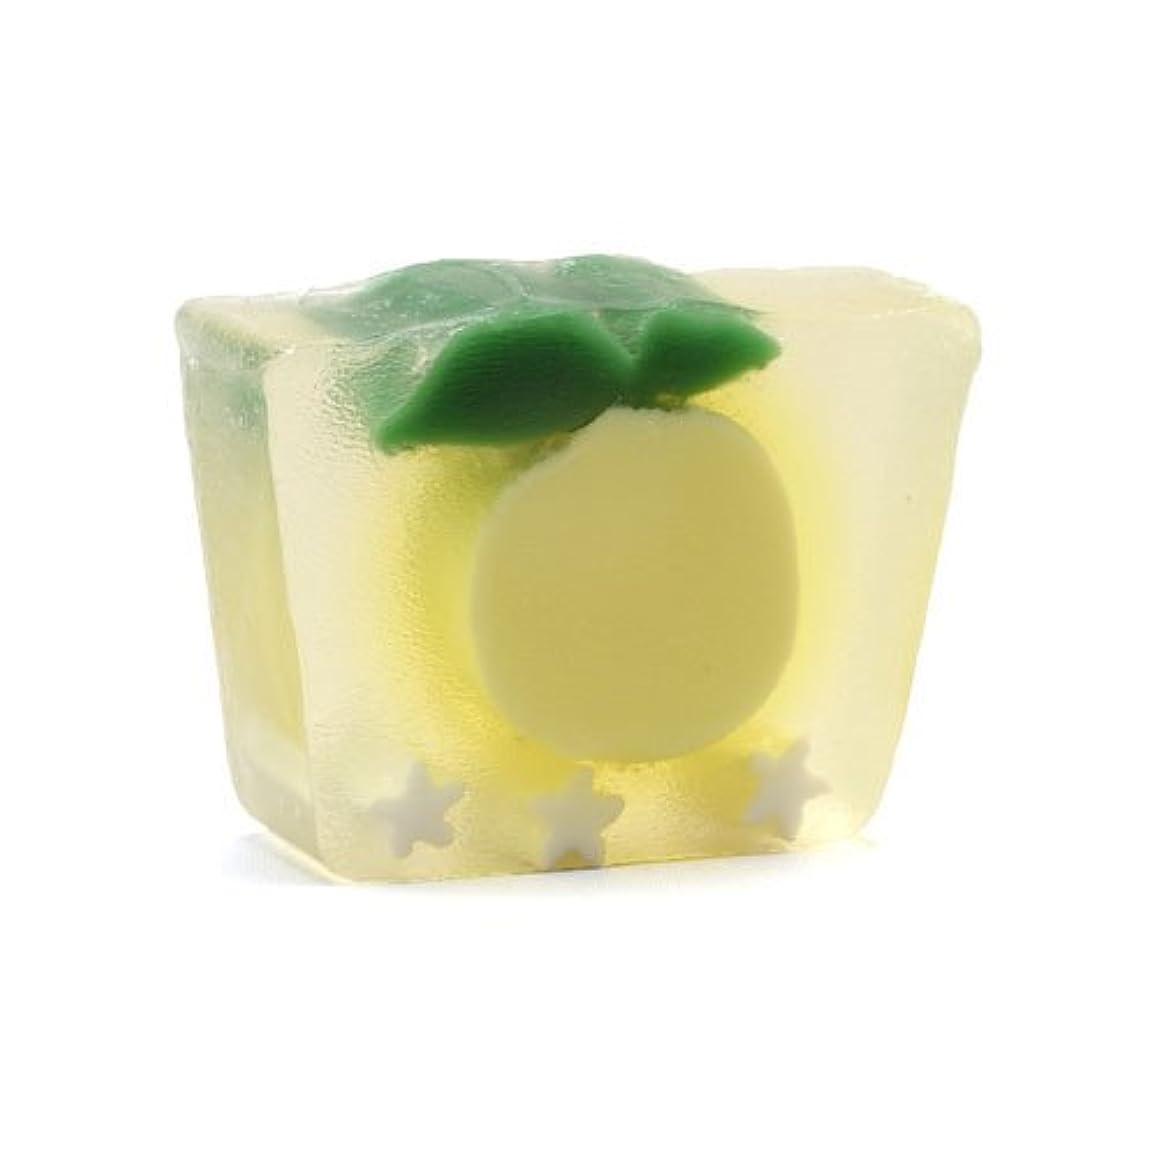 自動的に吐く切り離すプライモールエレメンツ アロマティック ミニソープ カリフォルニアレモン 80g 植物性 ナチュラル 石鹸 無添加